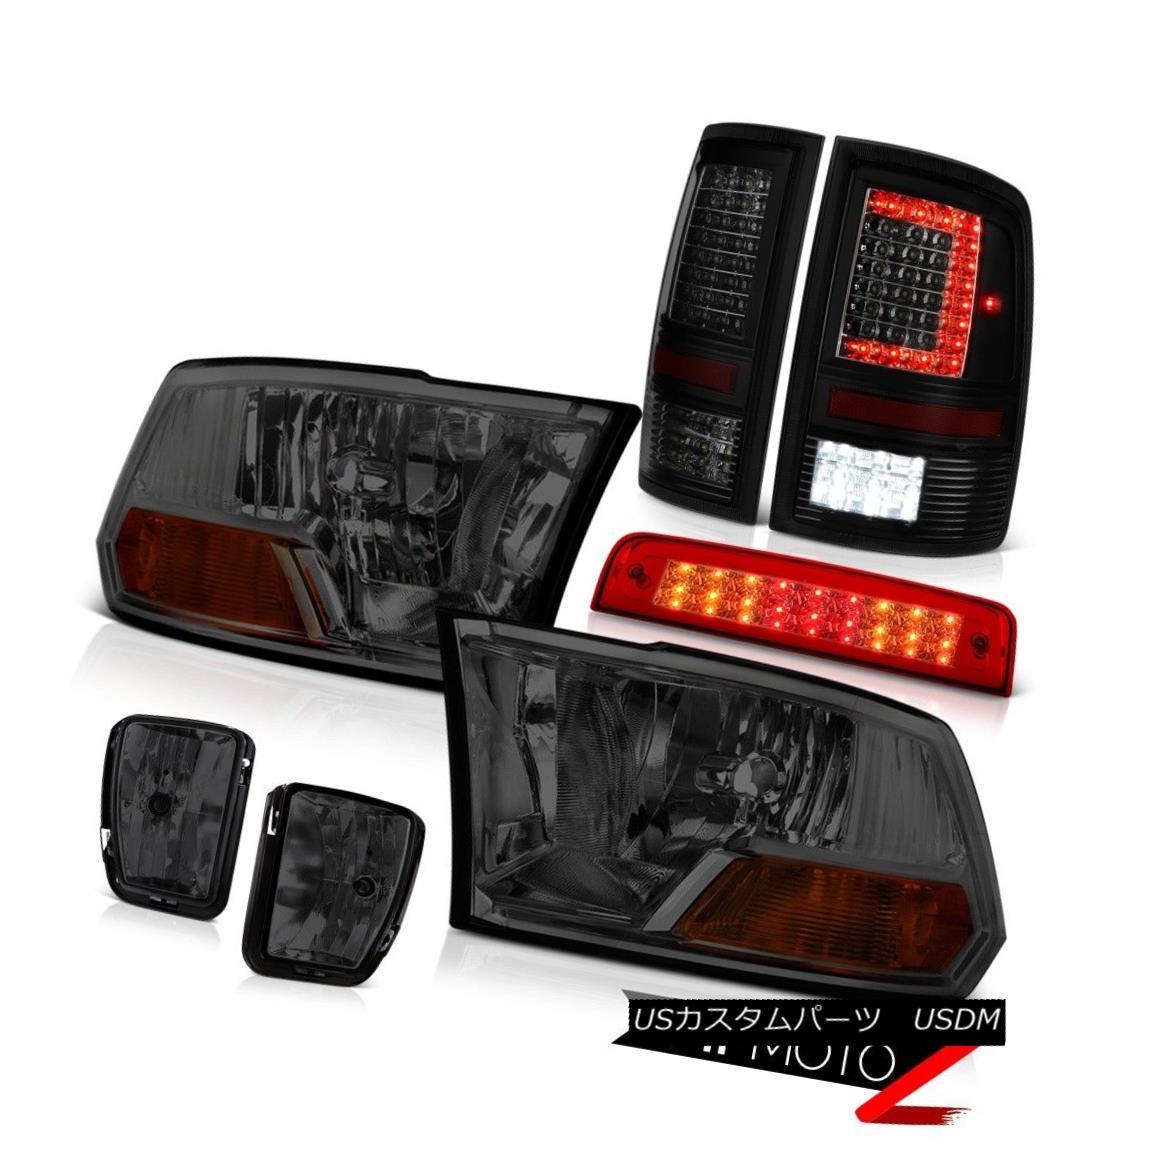 完璧 テールライト 13 14 15 15 17 16 Style 17 18 RAM 1500 Tail lamp 3rd Brake Light Fog Factory Style HeadLight 13 14 15 16 17 18 RAM 1500テールランプ第3ブレーキライトフォグ工場風ヘッドライト, ミシン専門店 ミシンランド:c29039fc --- esef.localized.me